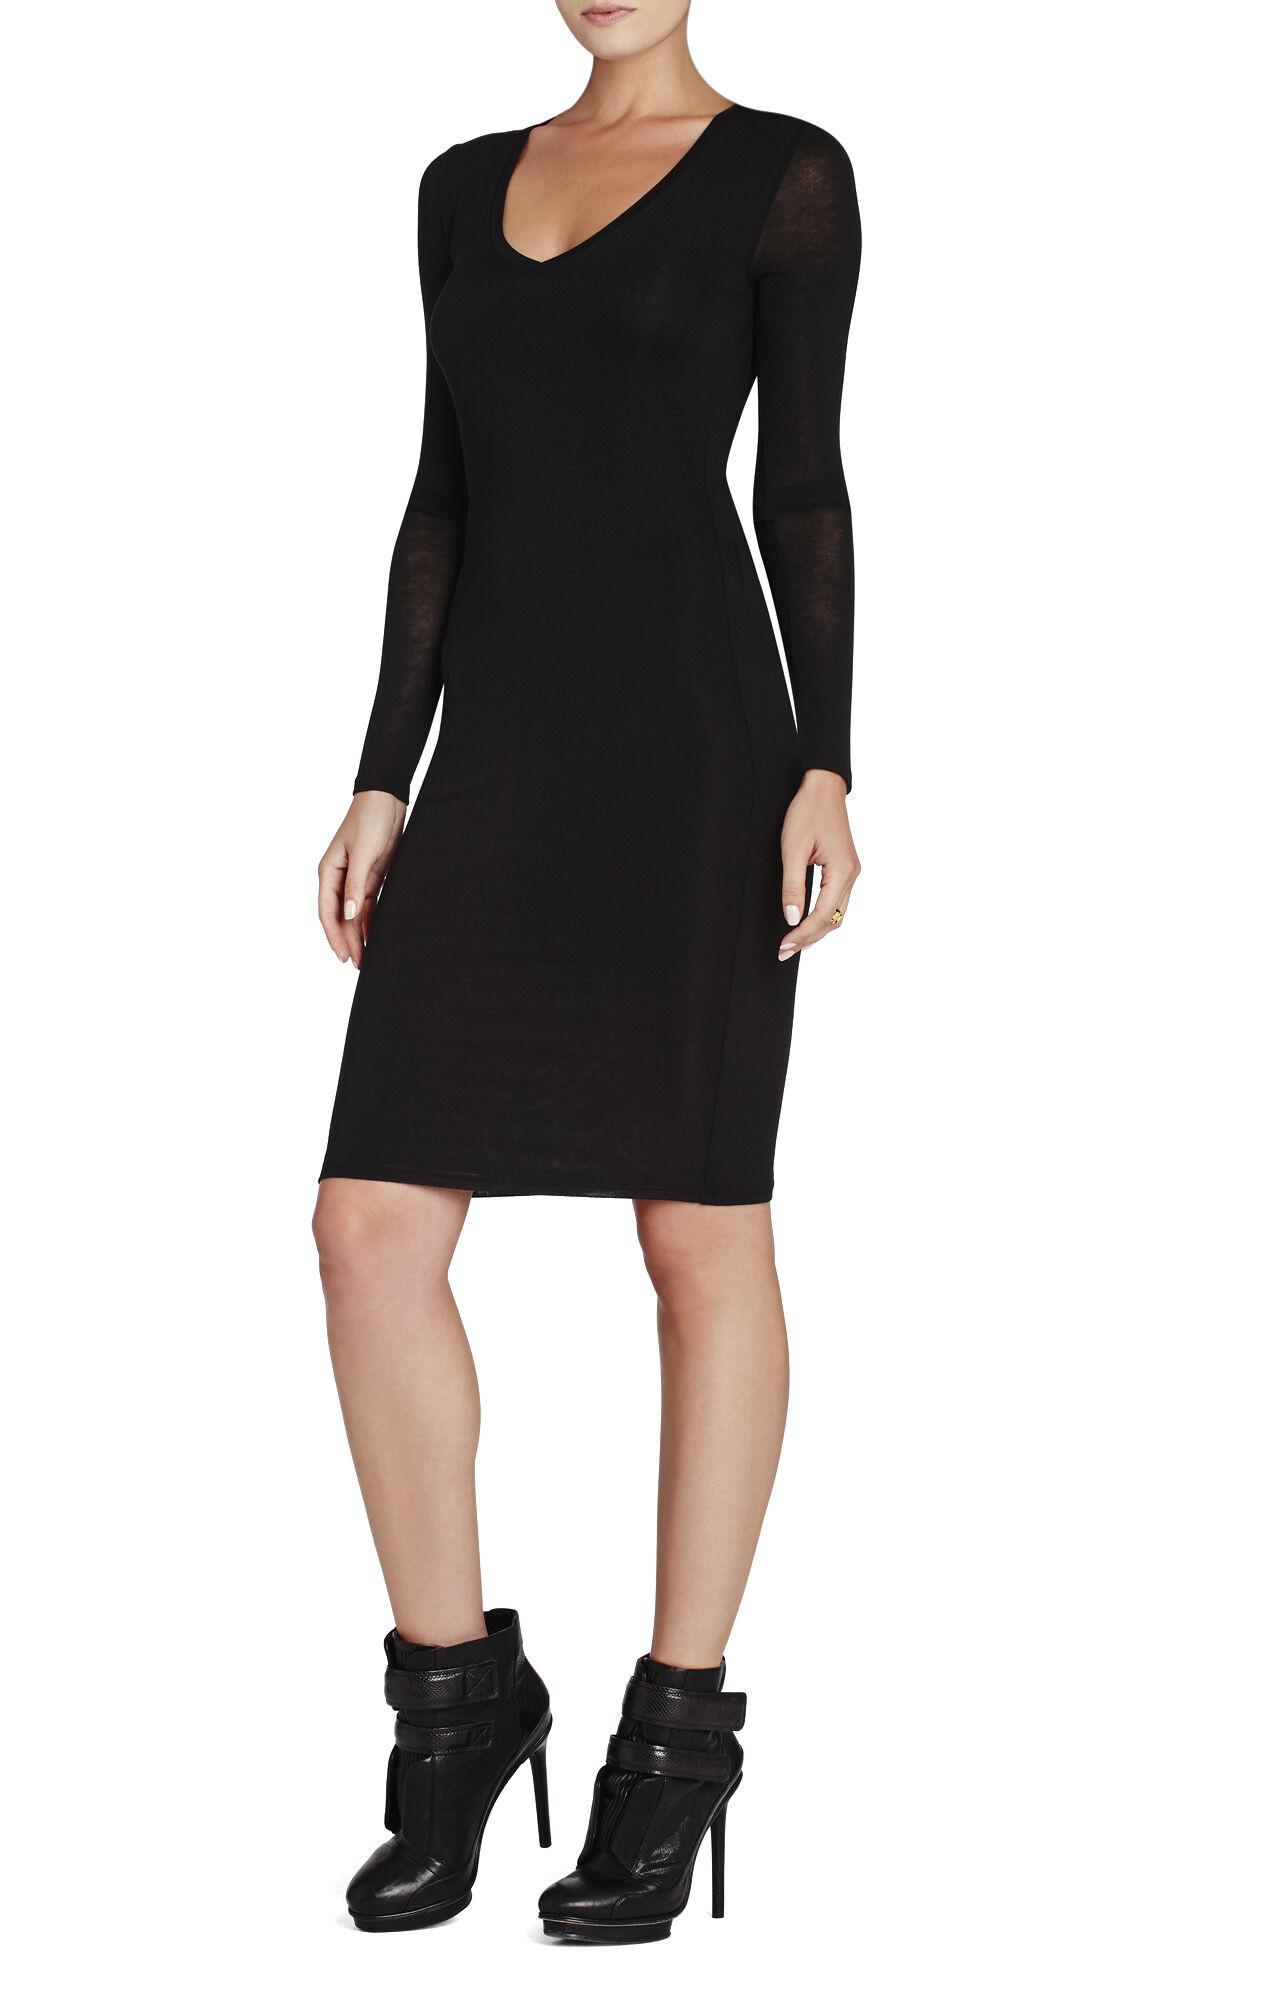 Tori V-Neck Dress